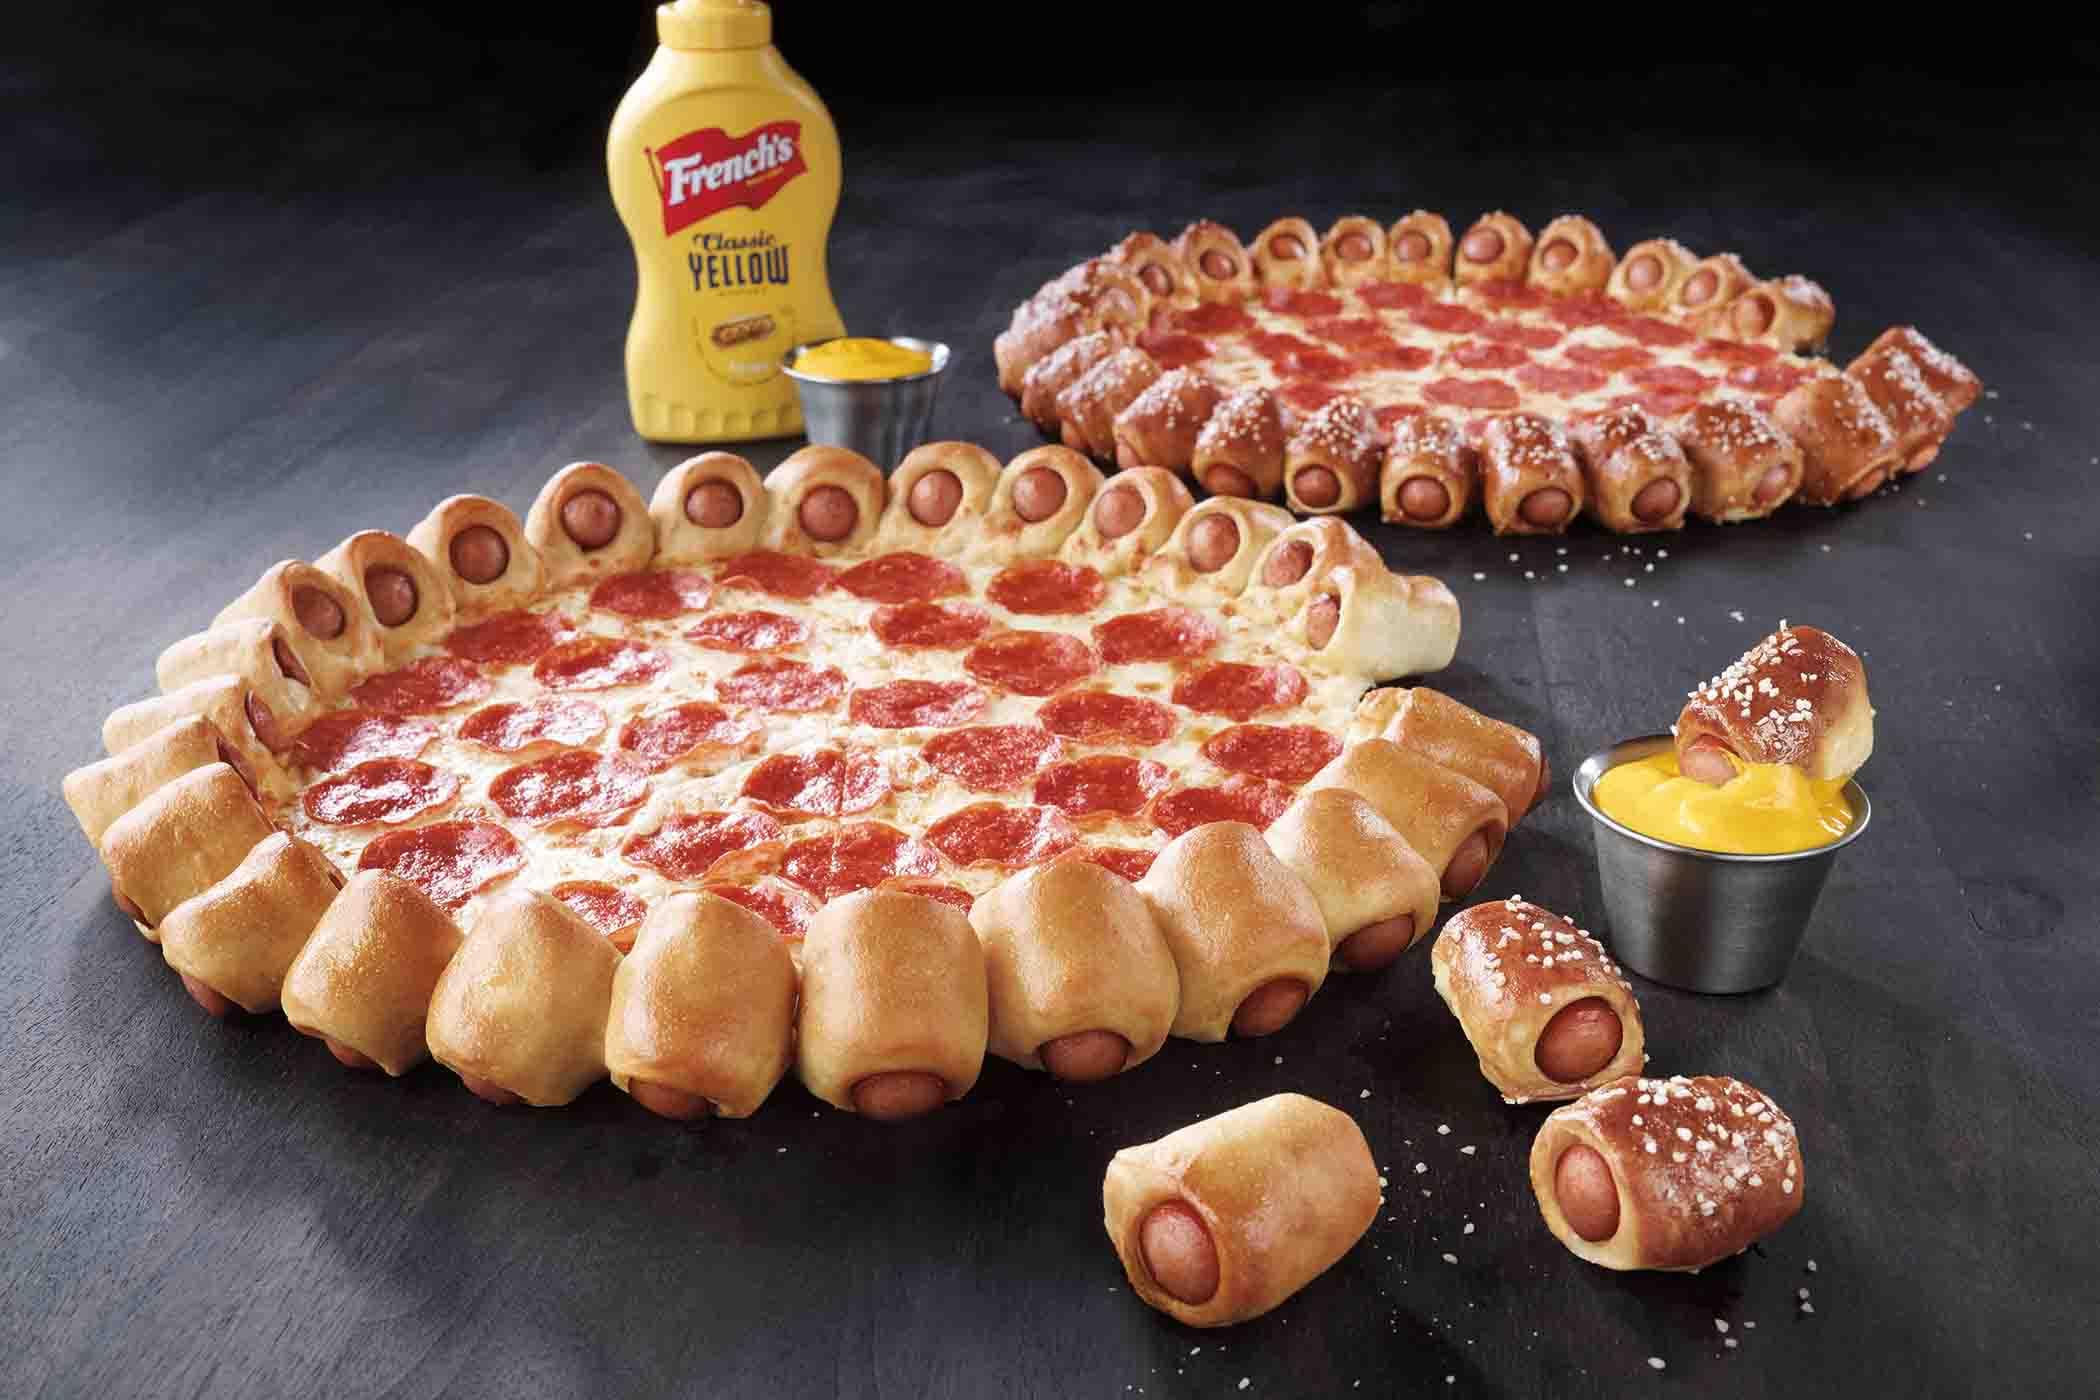 150630_EM_MillennialBrands_PizzaHut